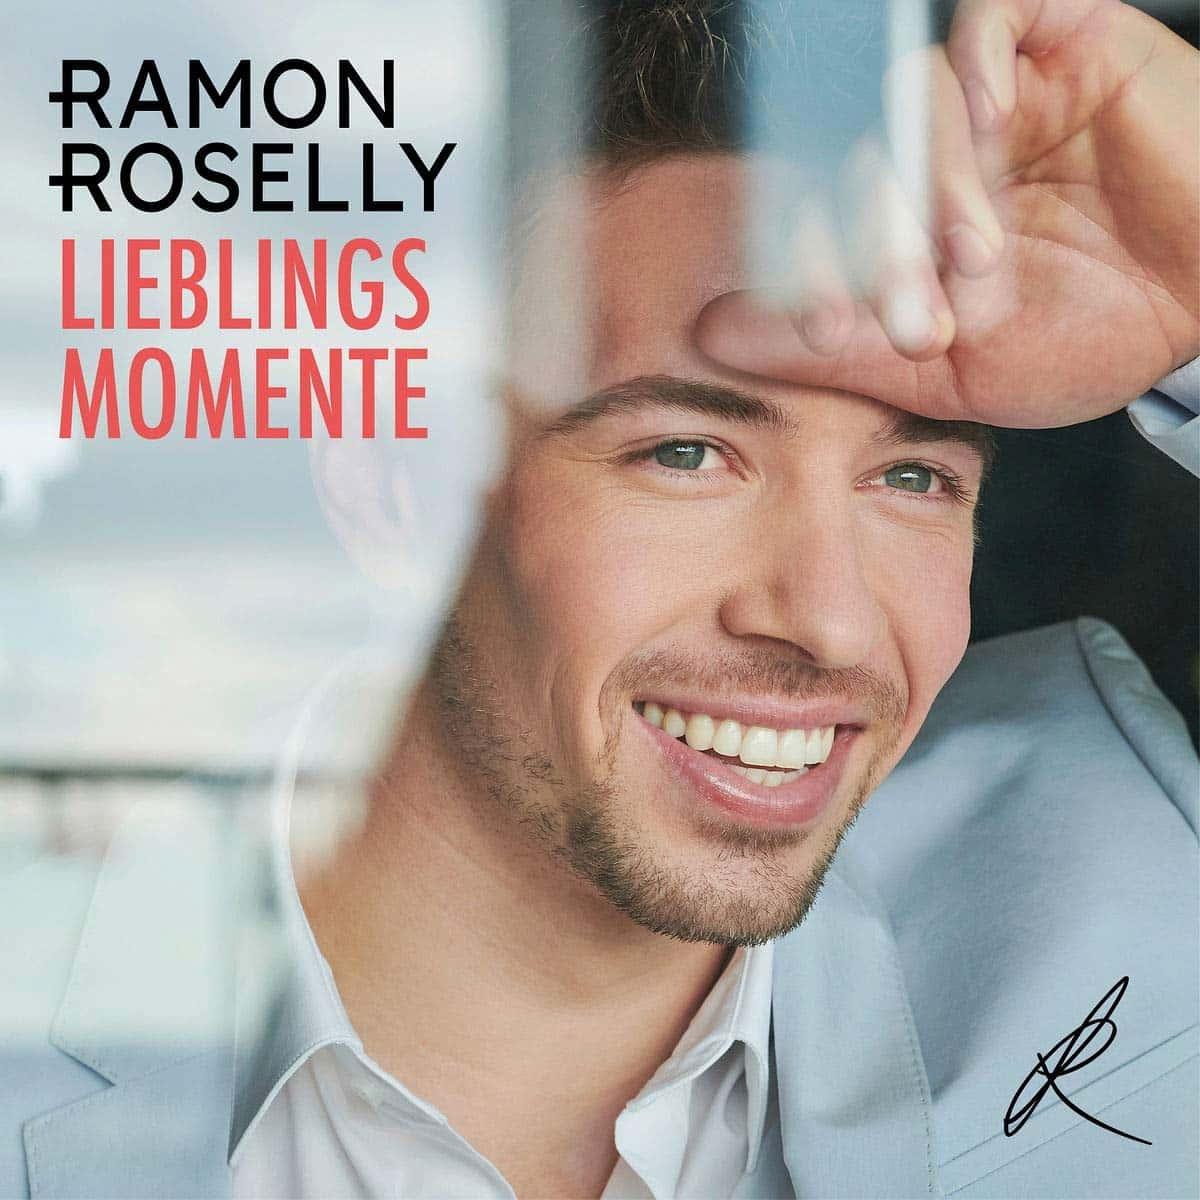 Ramon Roselly CD Lieblingsmomente 2021